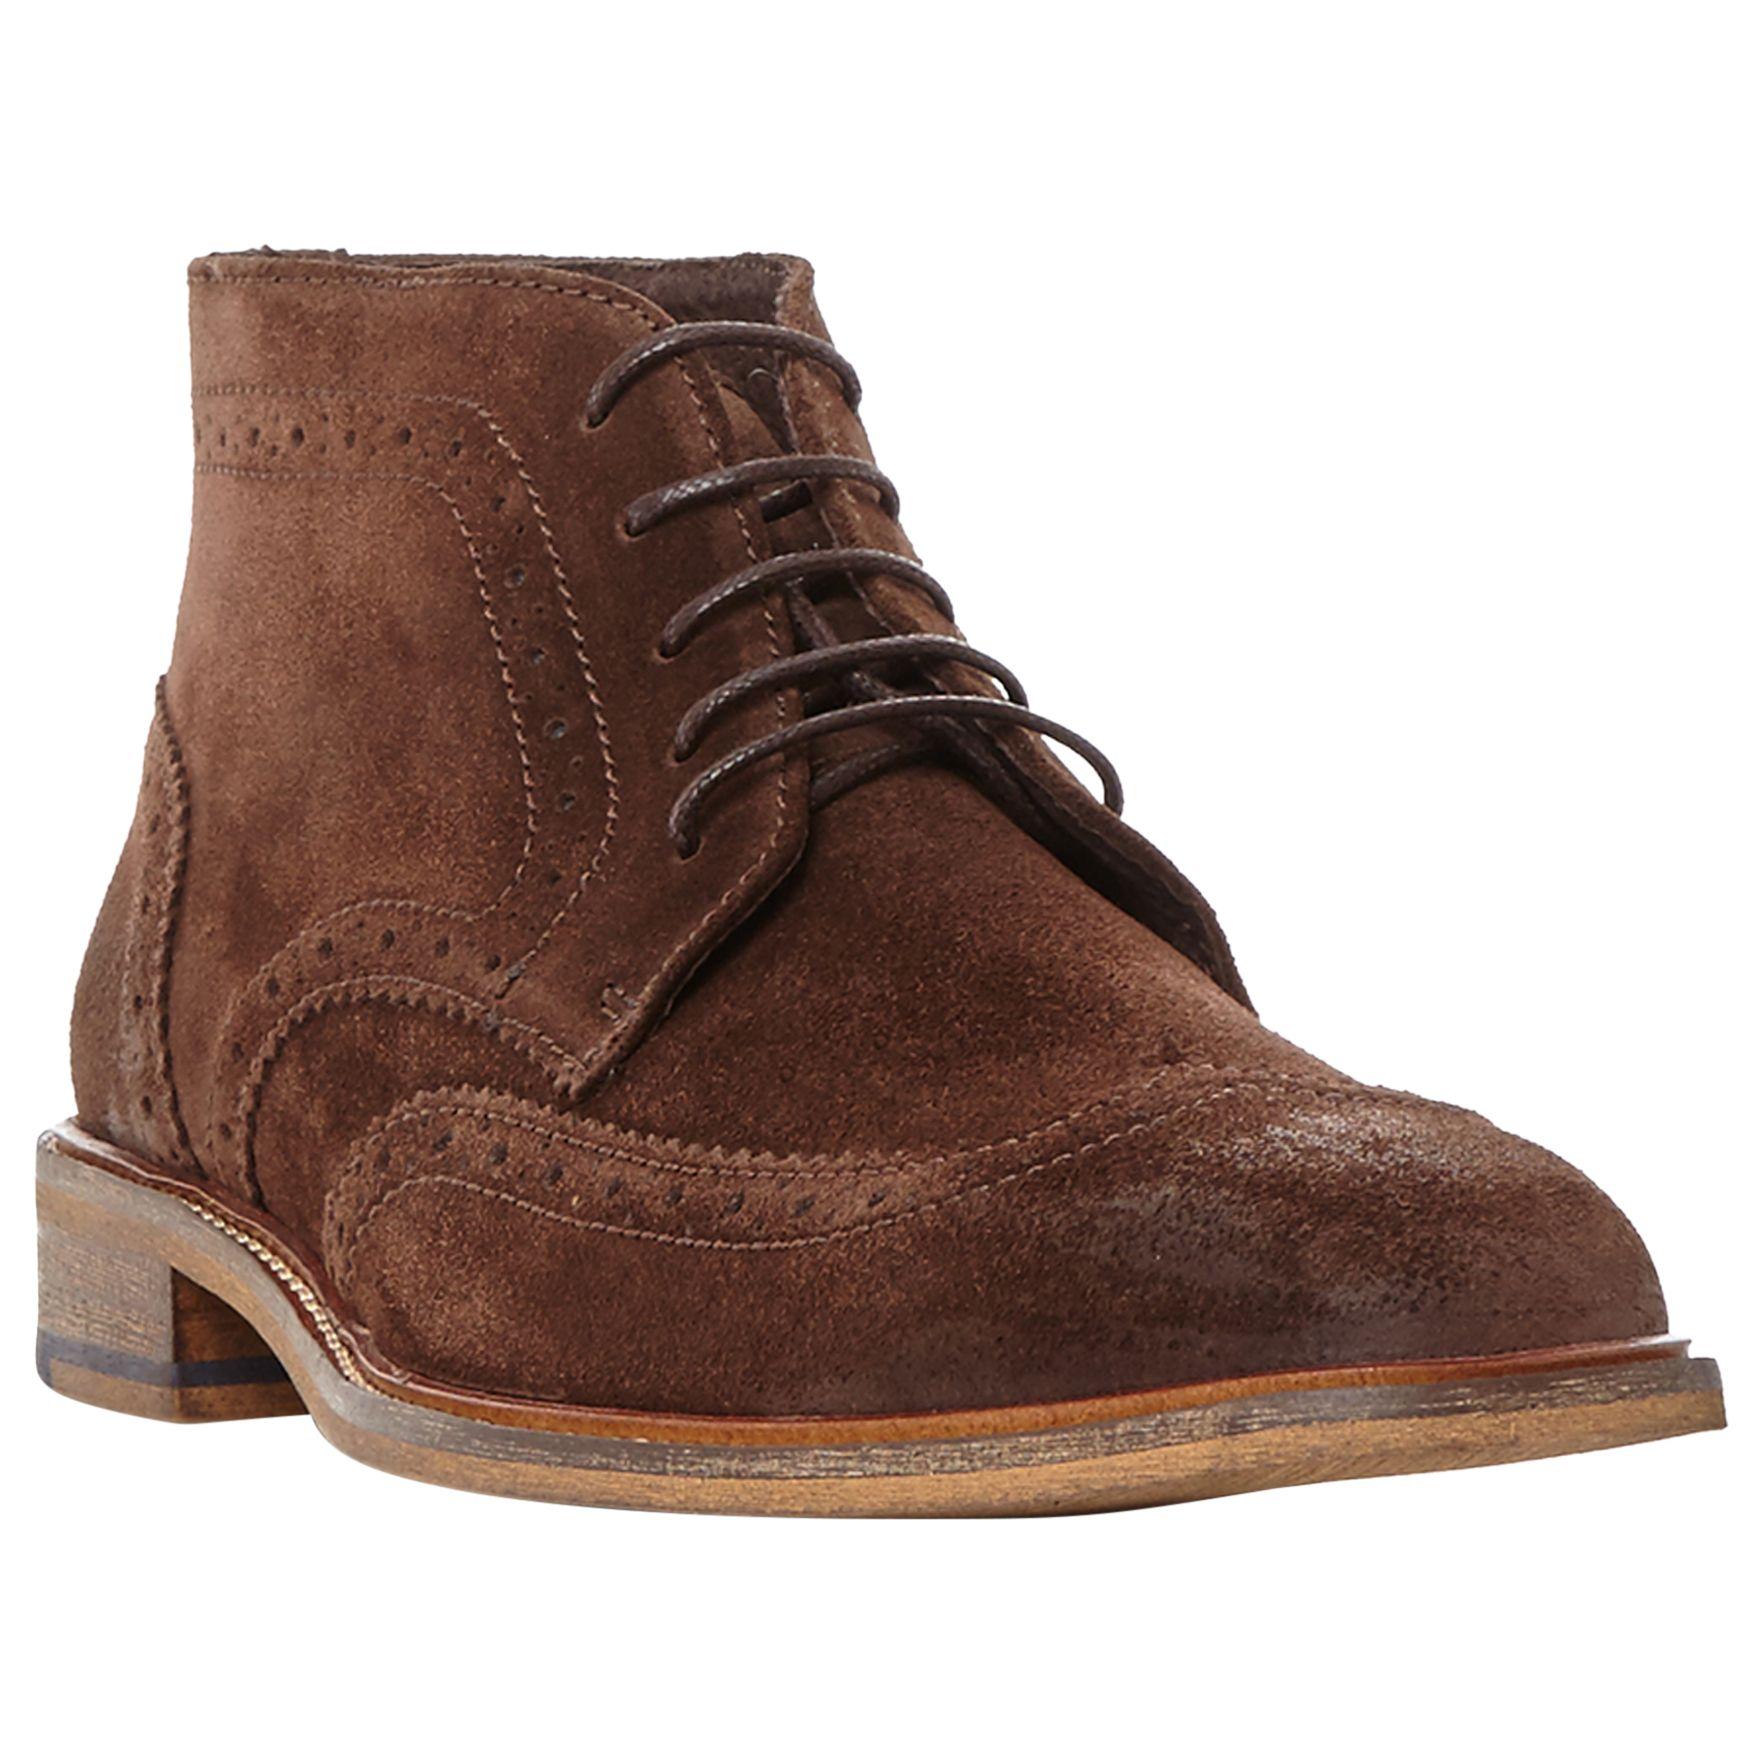 Bertie Bertie Canister Brogue Boots, Brown